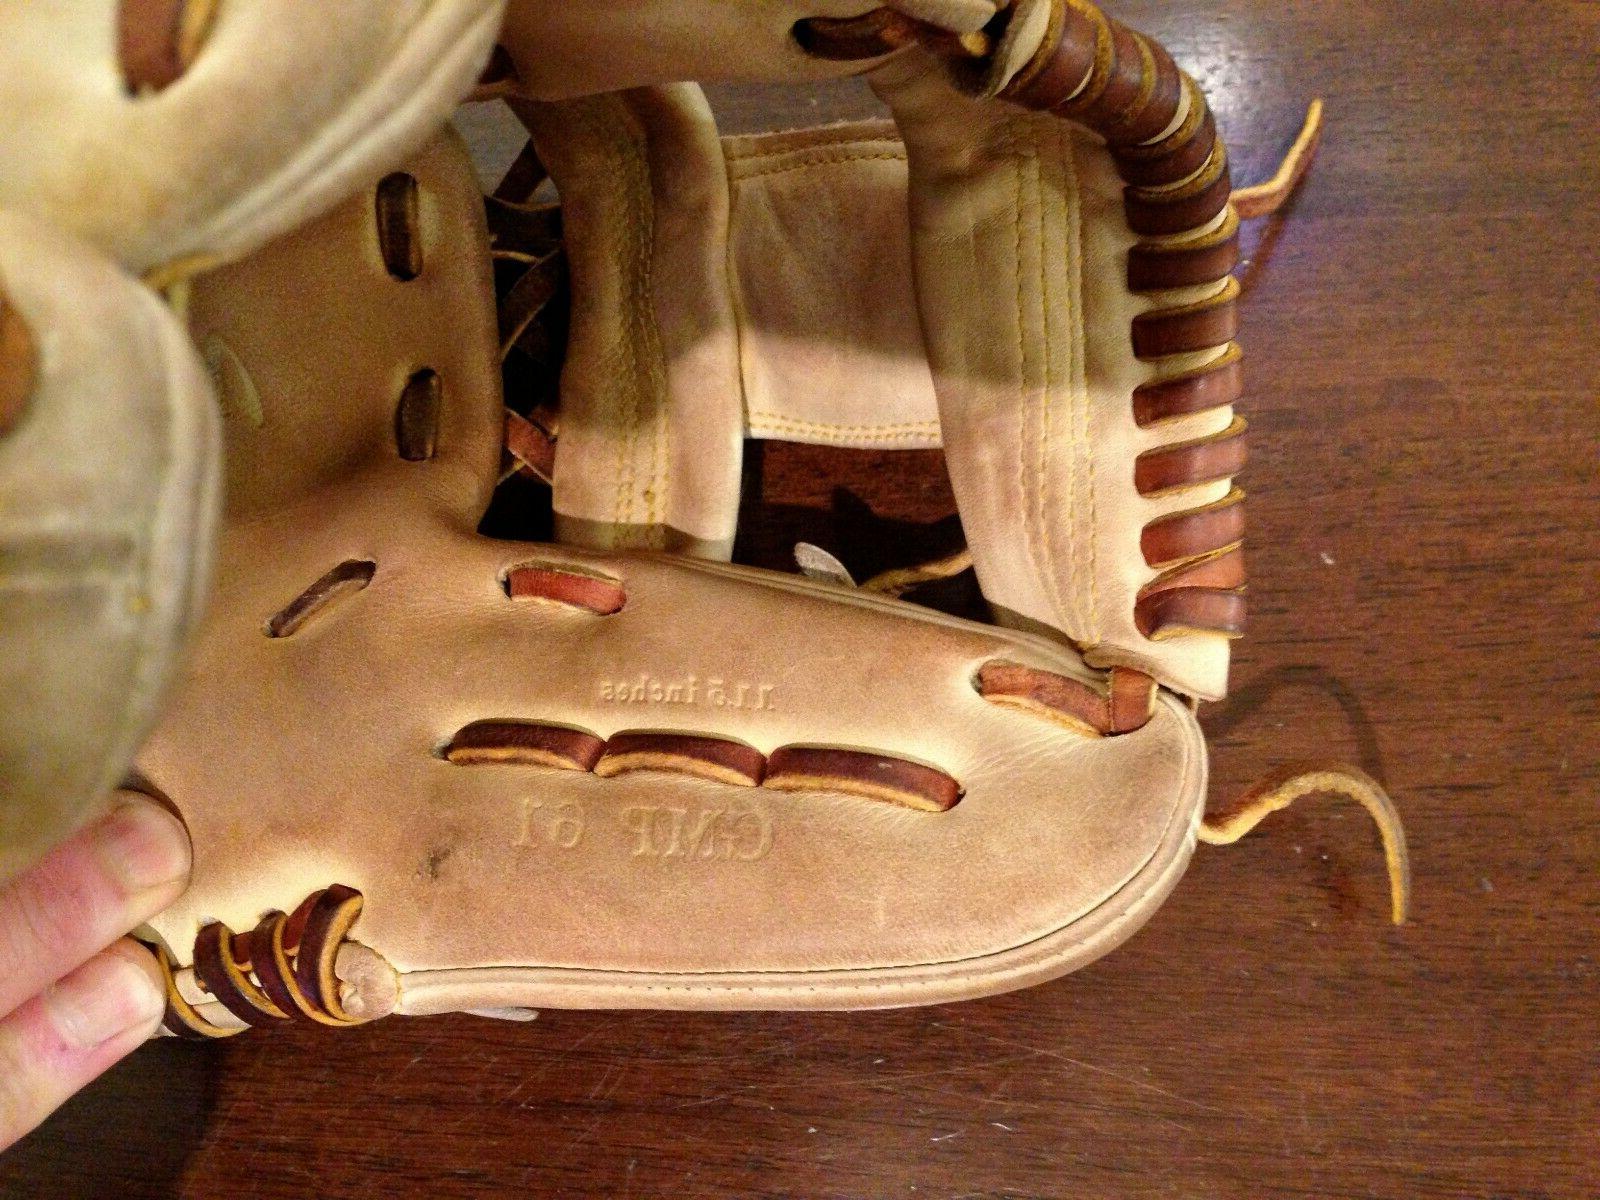 Glove 11.5 GMP 61